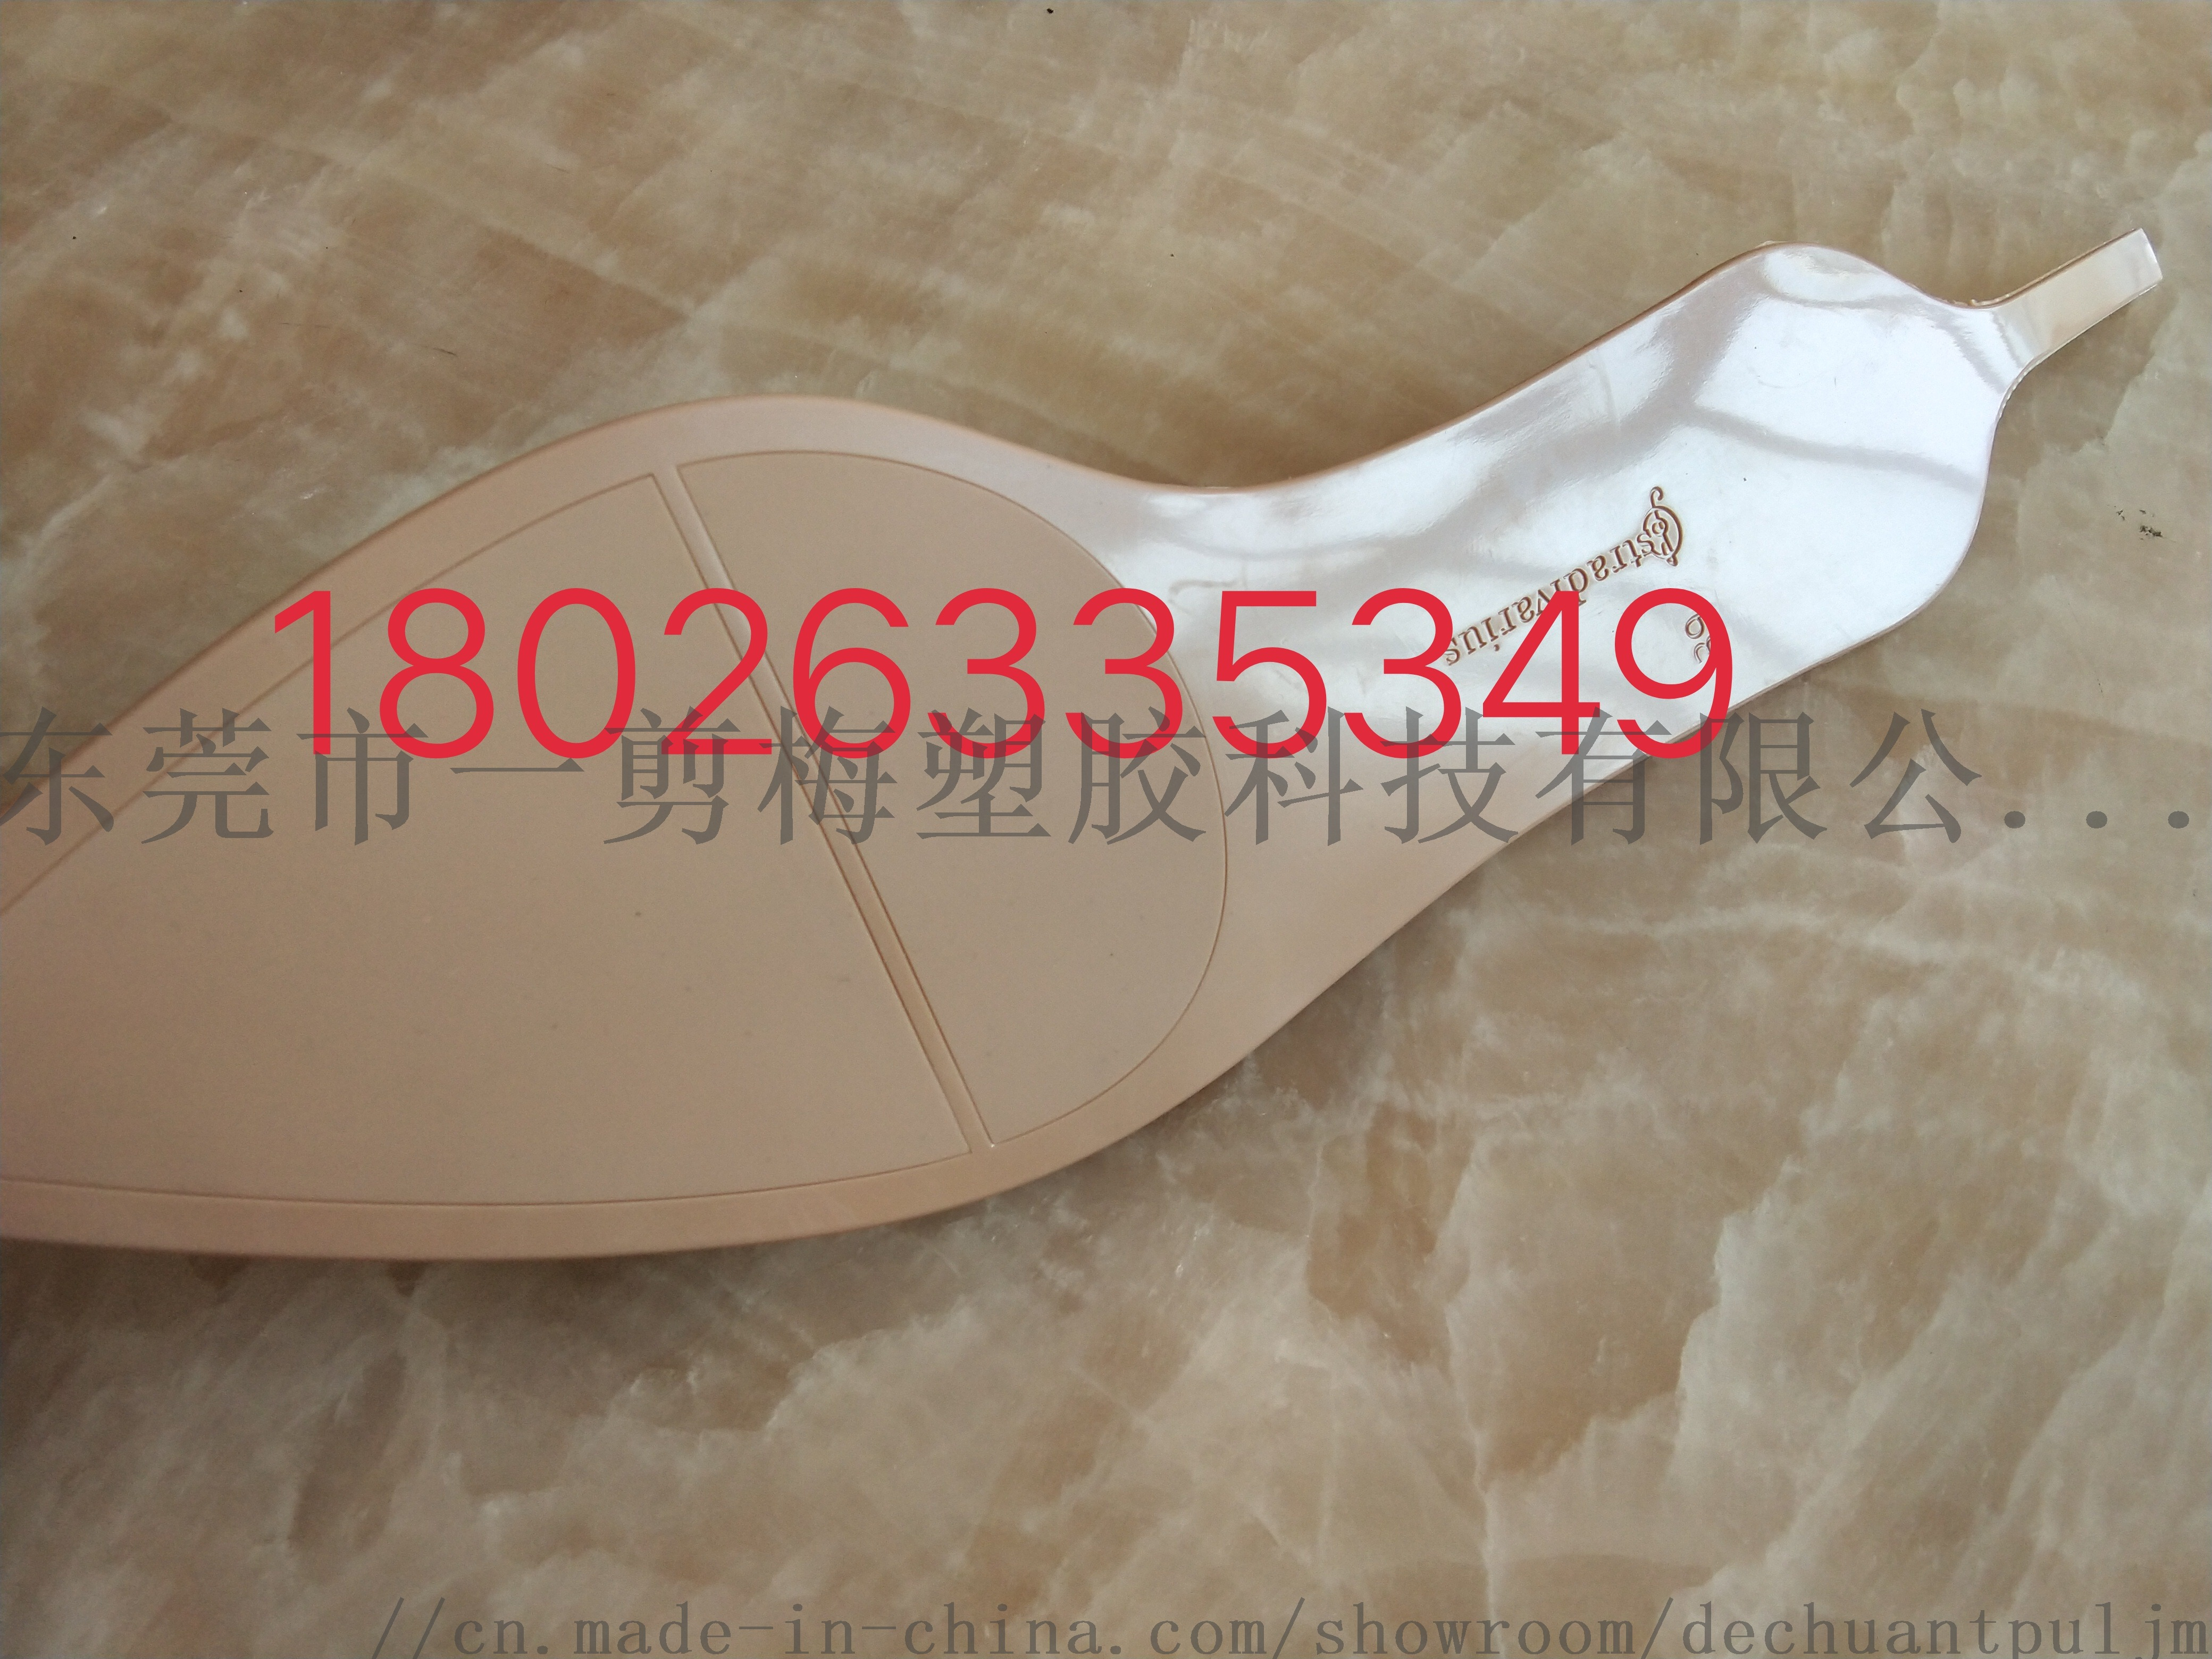 TPU-85A半透明再生料 用于鞋底天皮脚轮95060235